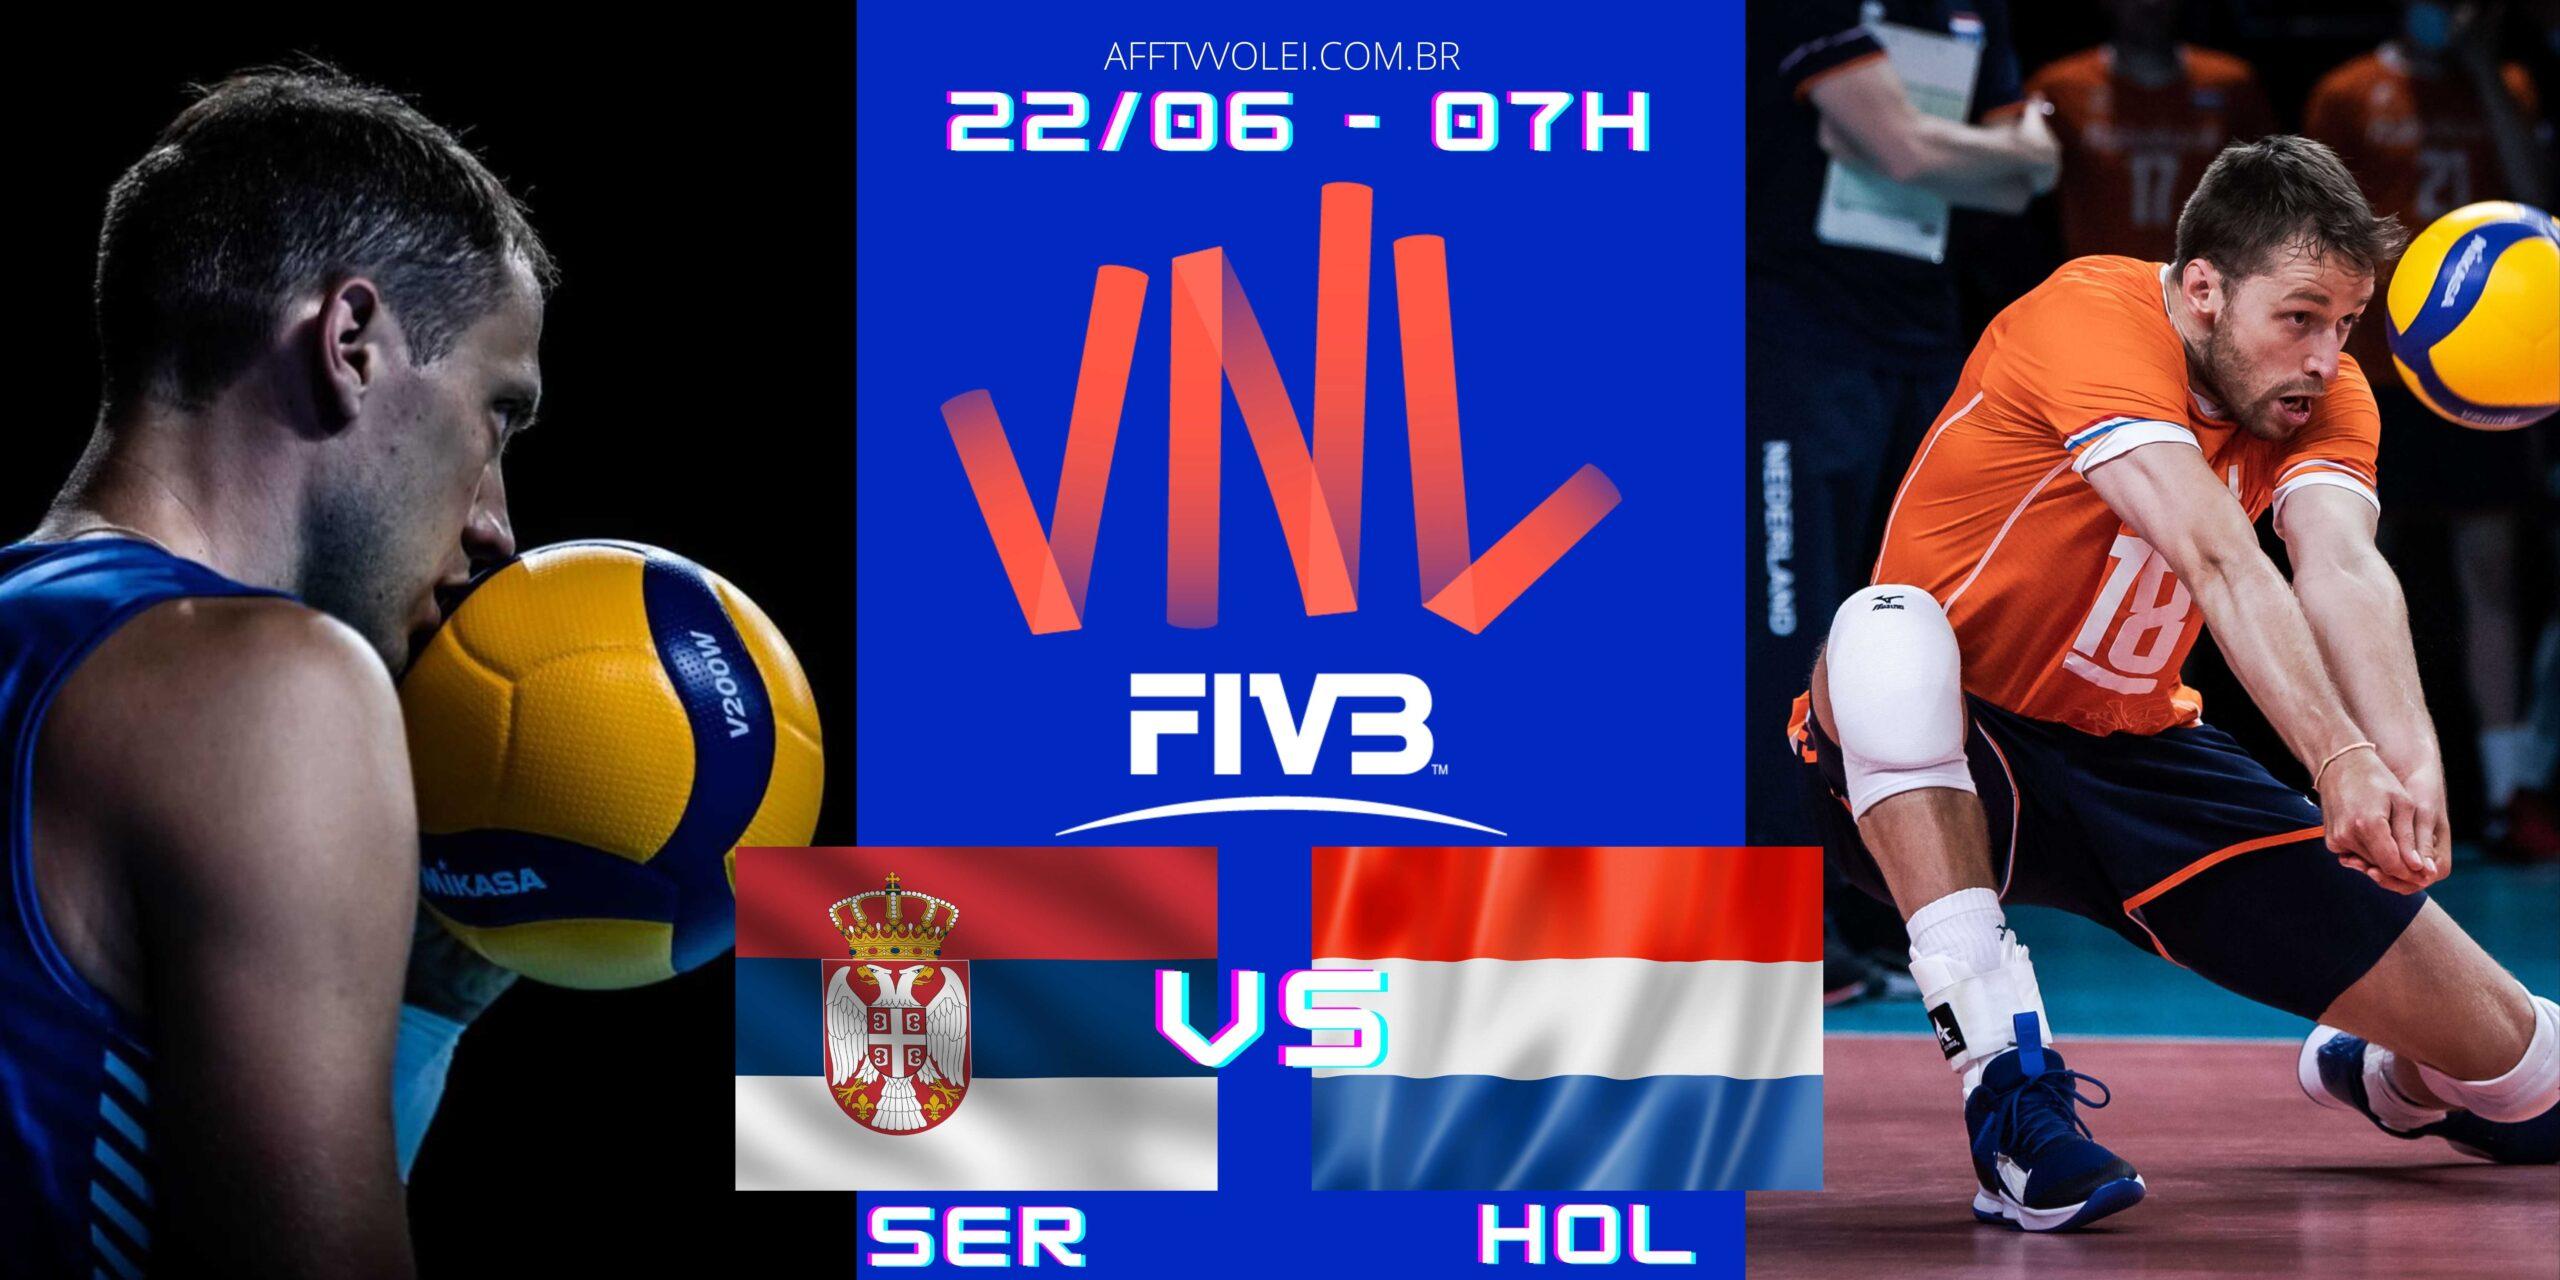 Sérvia 3 vs 2 Holanda – Liga das Nações – 22/06/2021